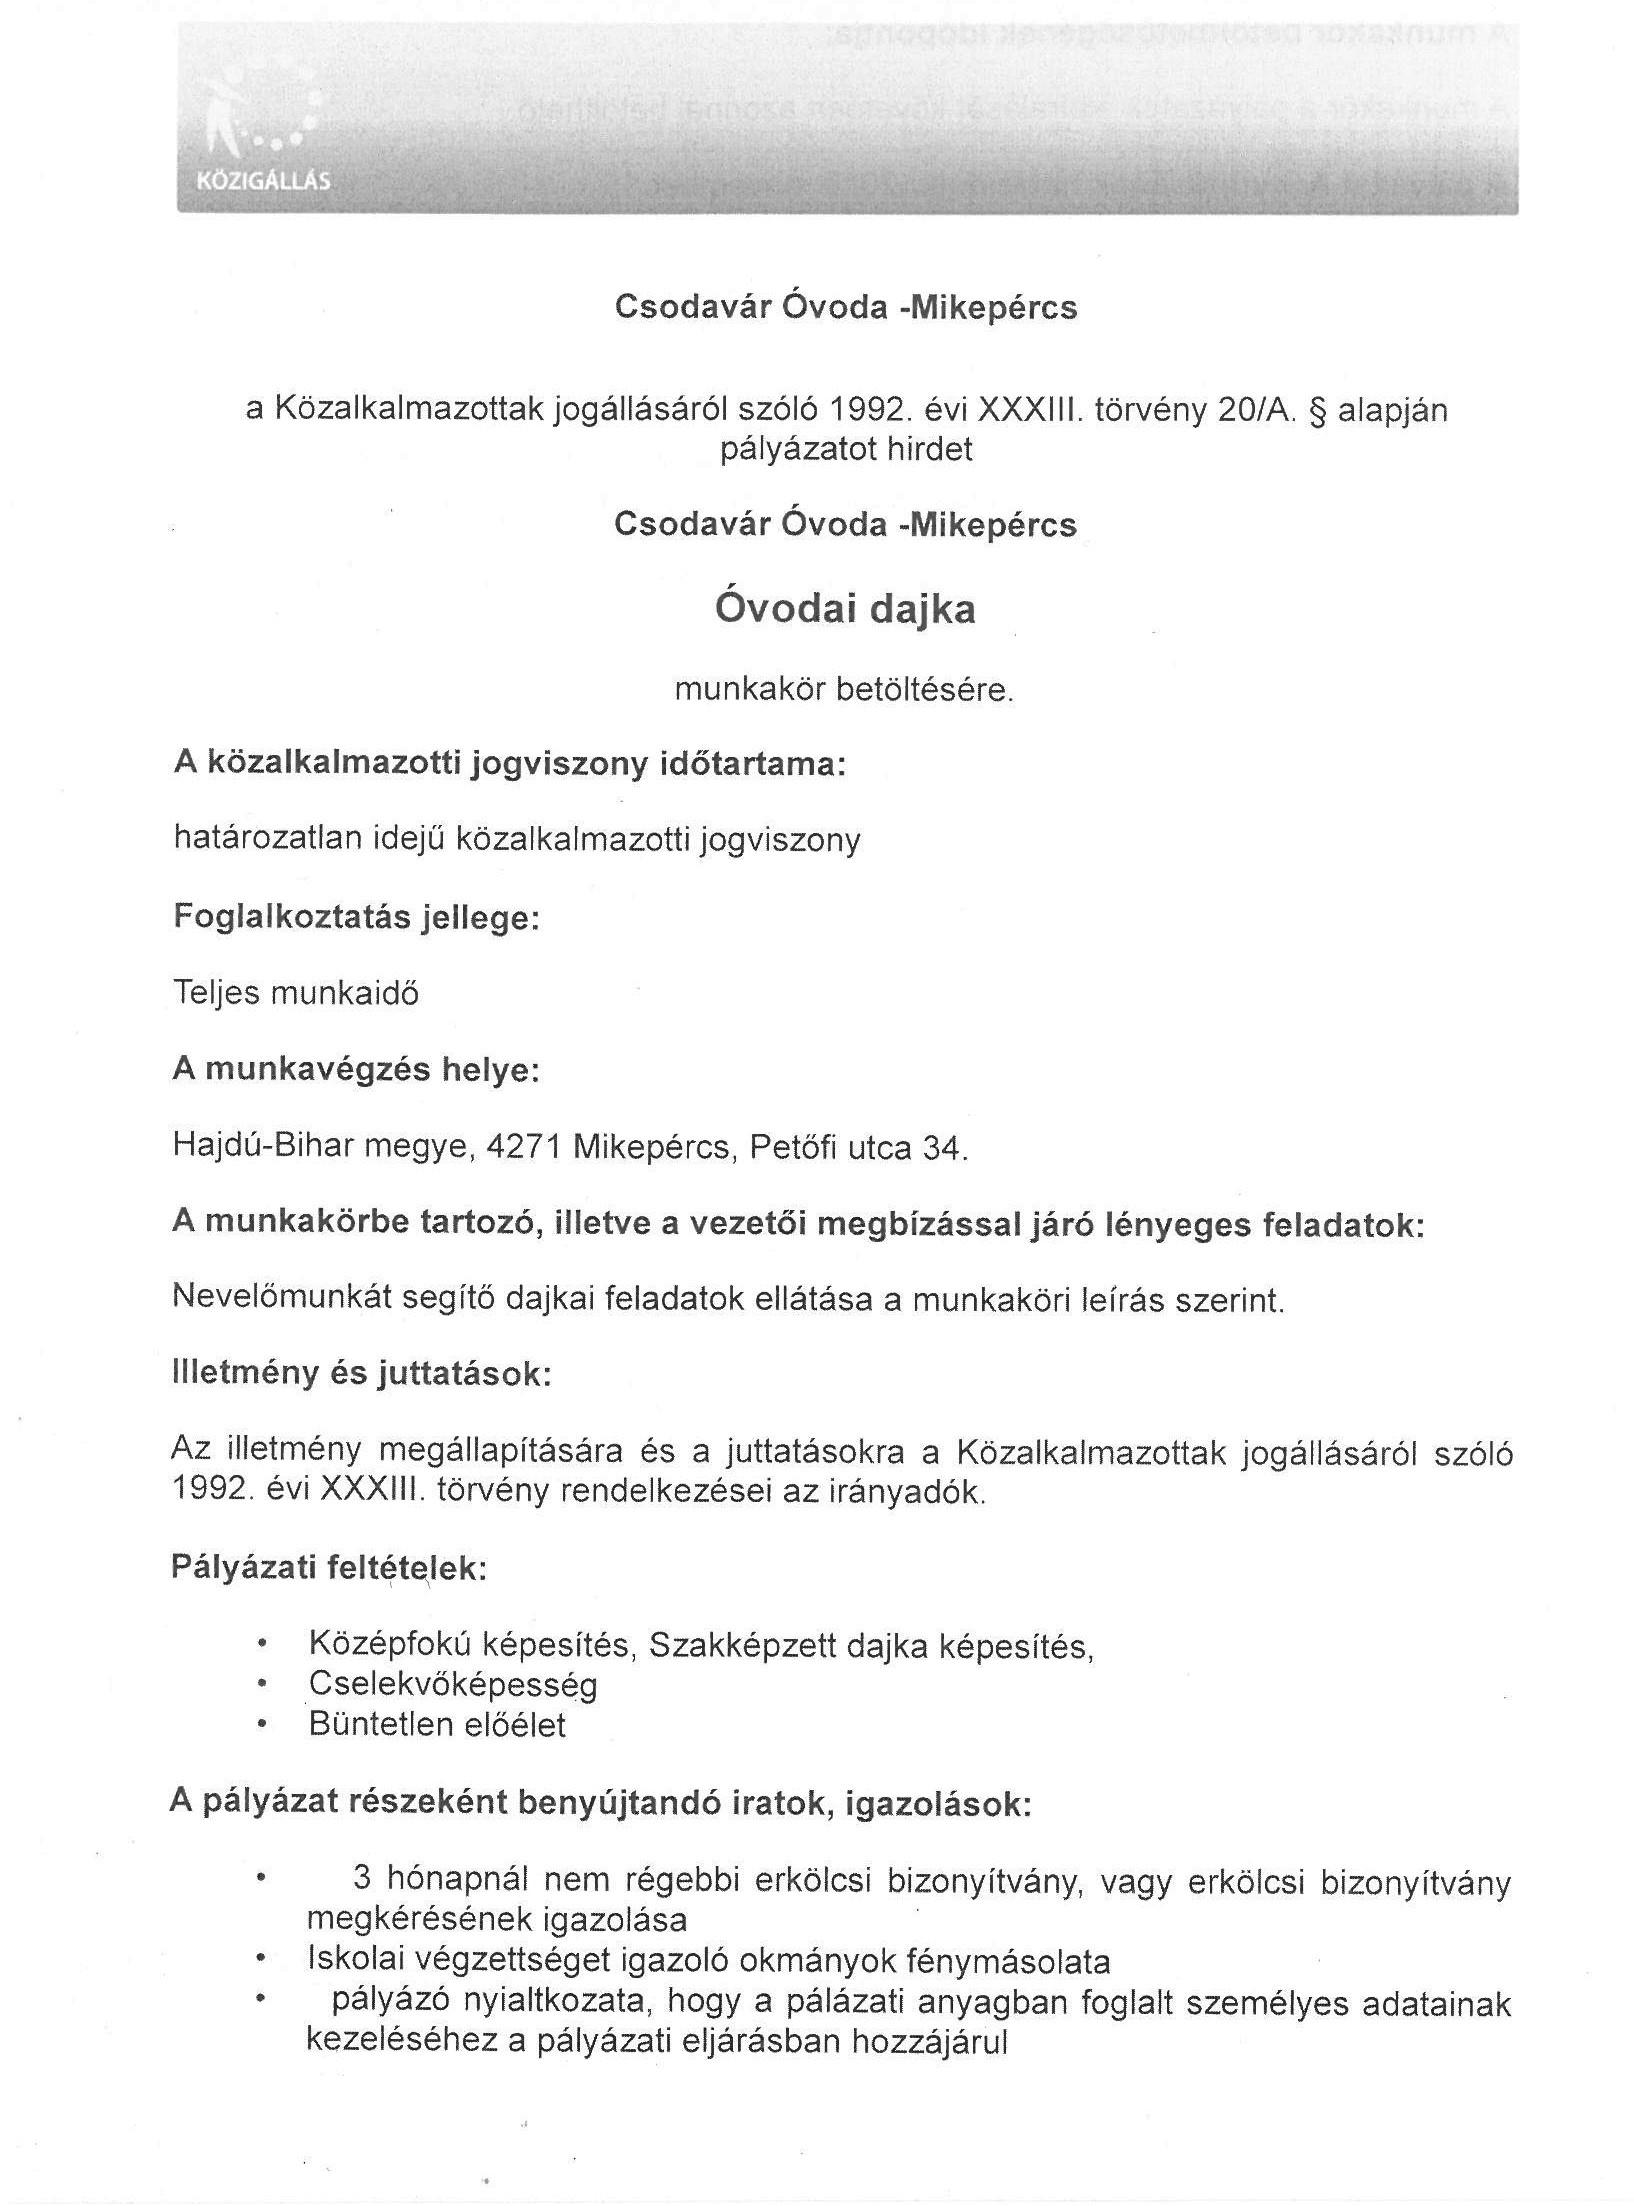 Pályázat munkakör betöltésére - Csodavár Óvoda Mikepércs - óvodai dajka